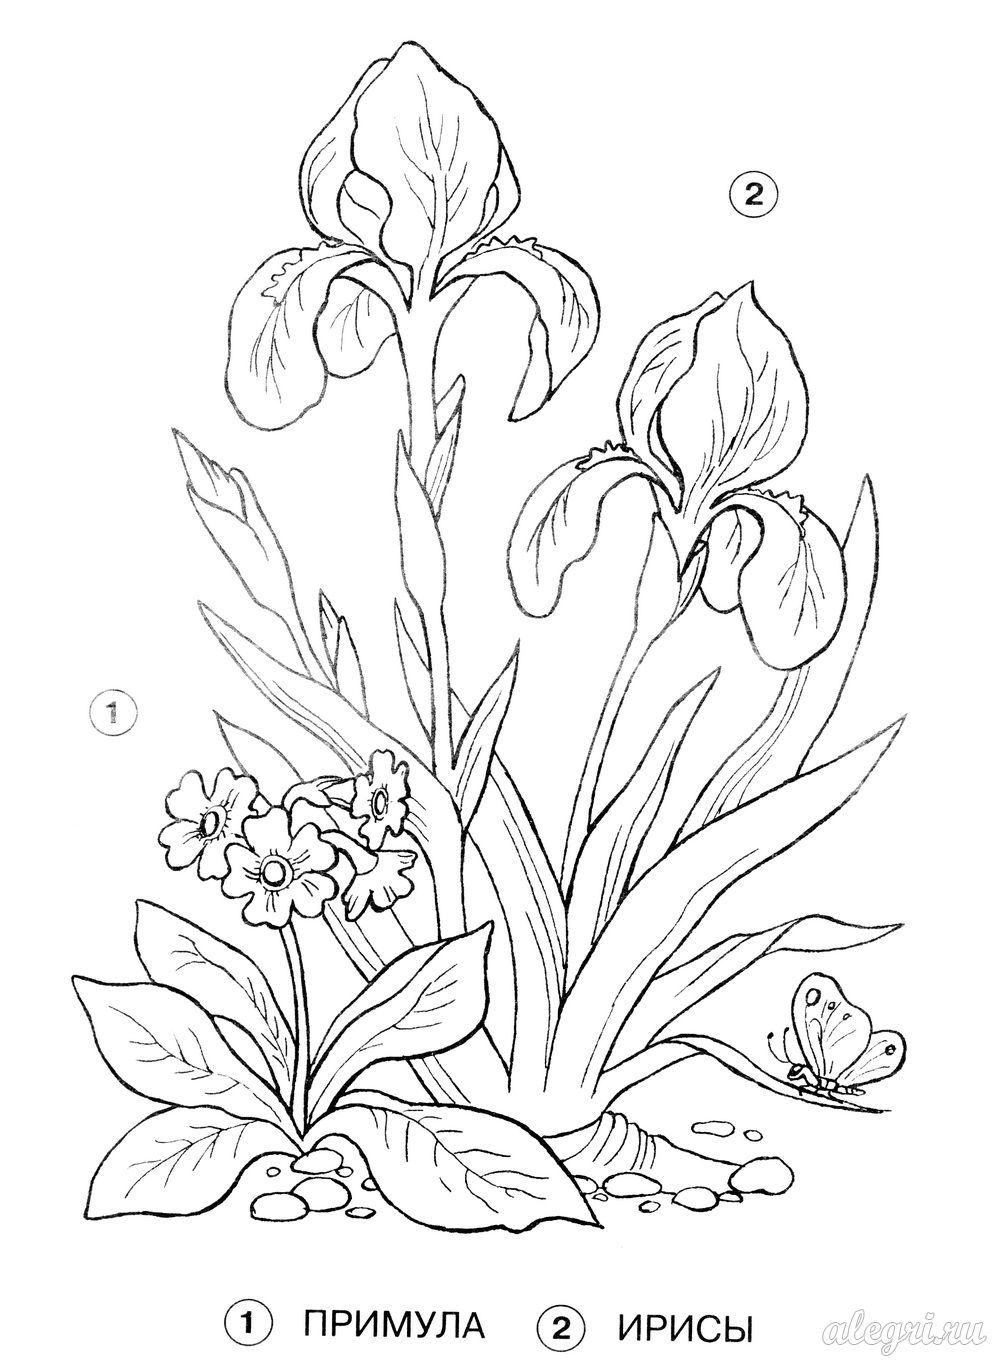 Раскраска растений занесённых в красную книгу